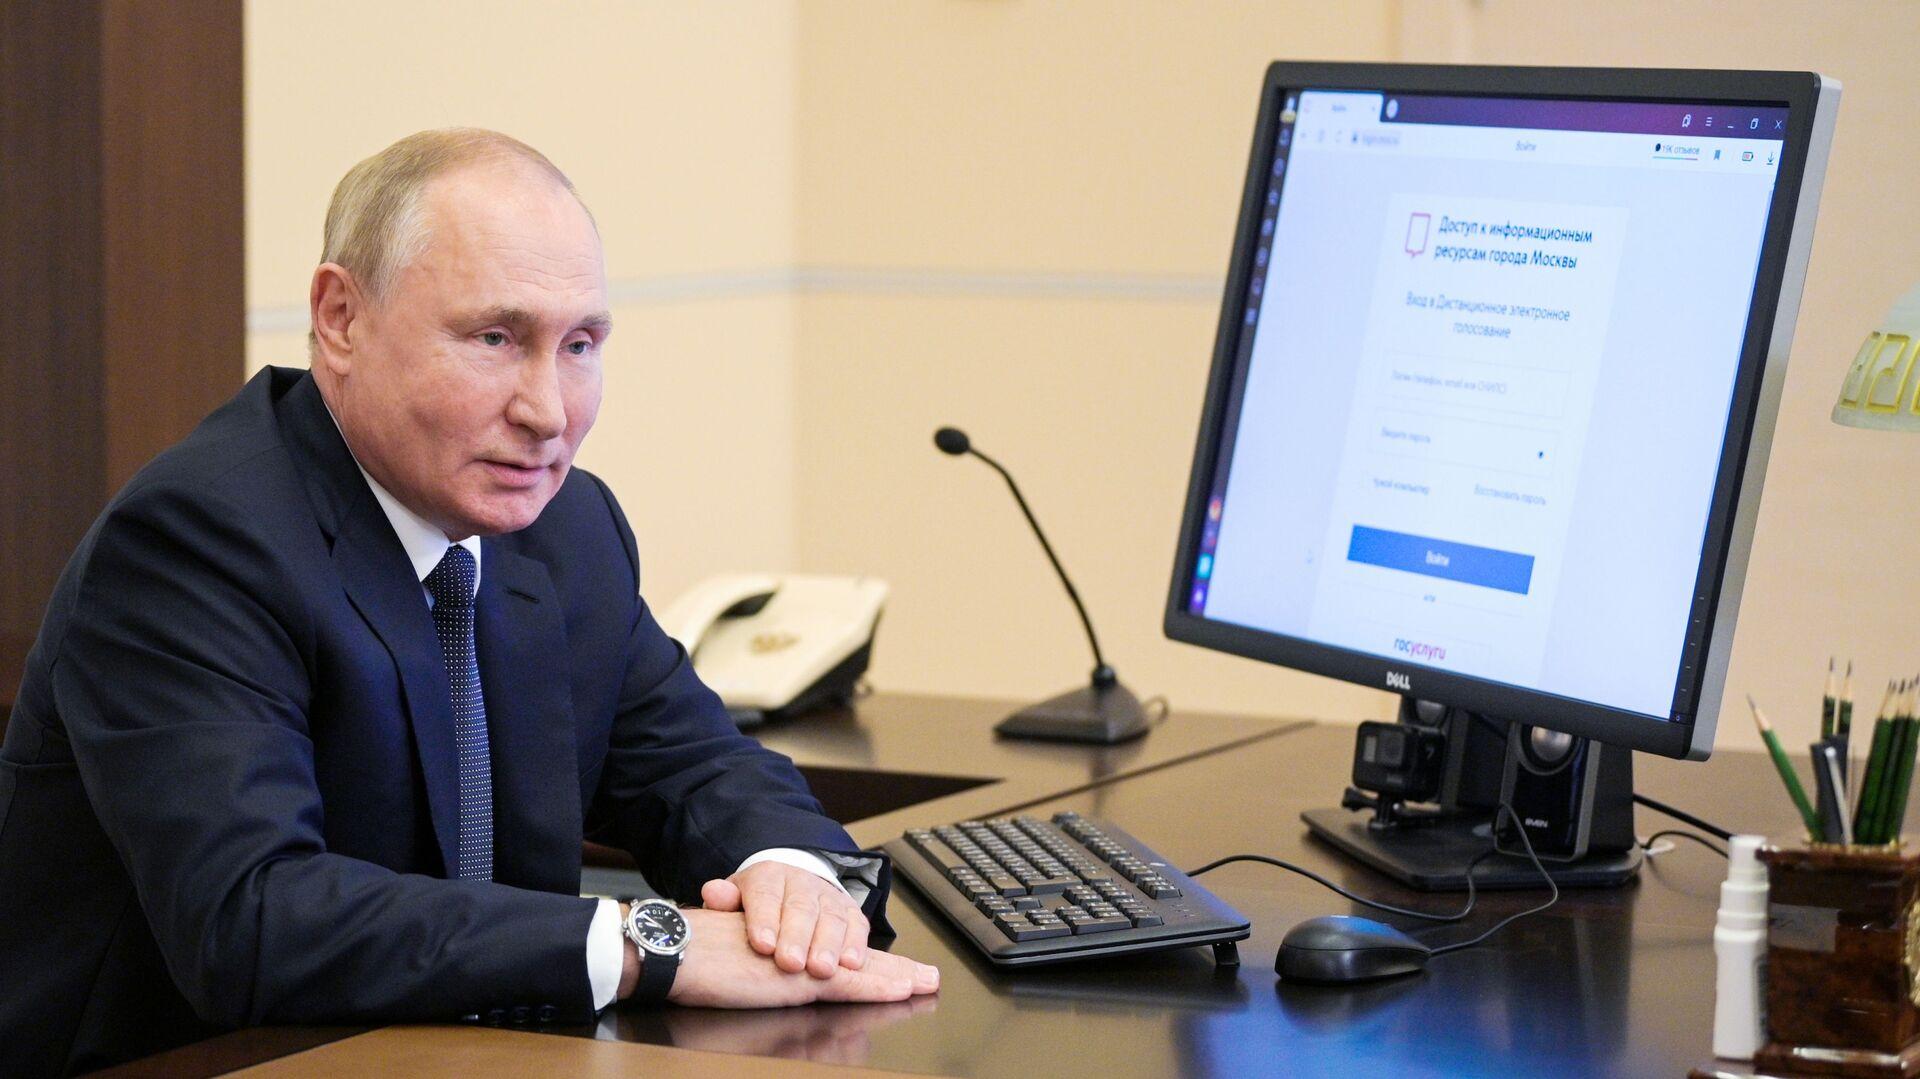 Президент РФ В. Путин дистанционно проголосовал на выборах депутатов Государственной Думы - Sputnik Абхазия, 1920, 17.09.2021